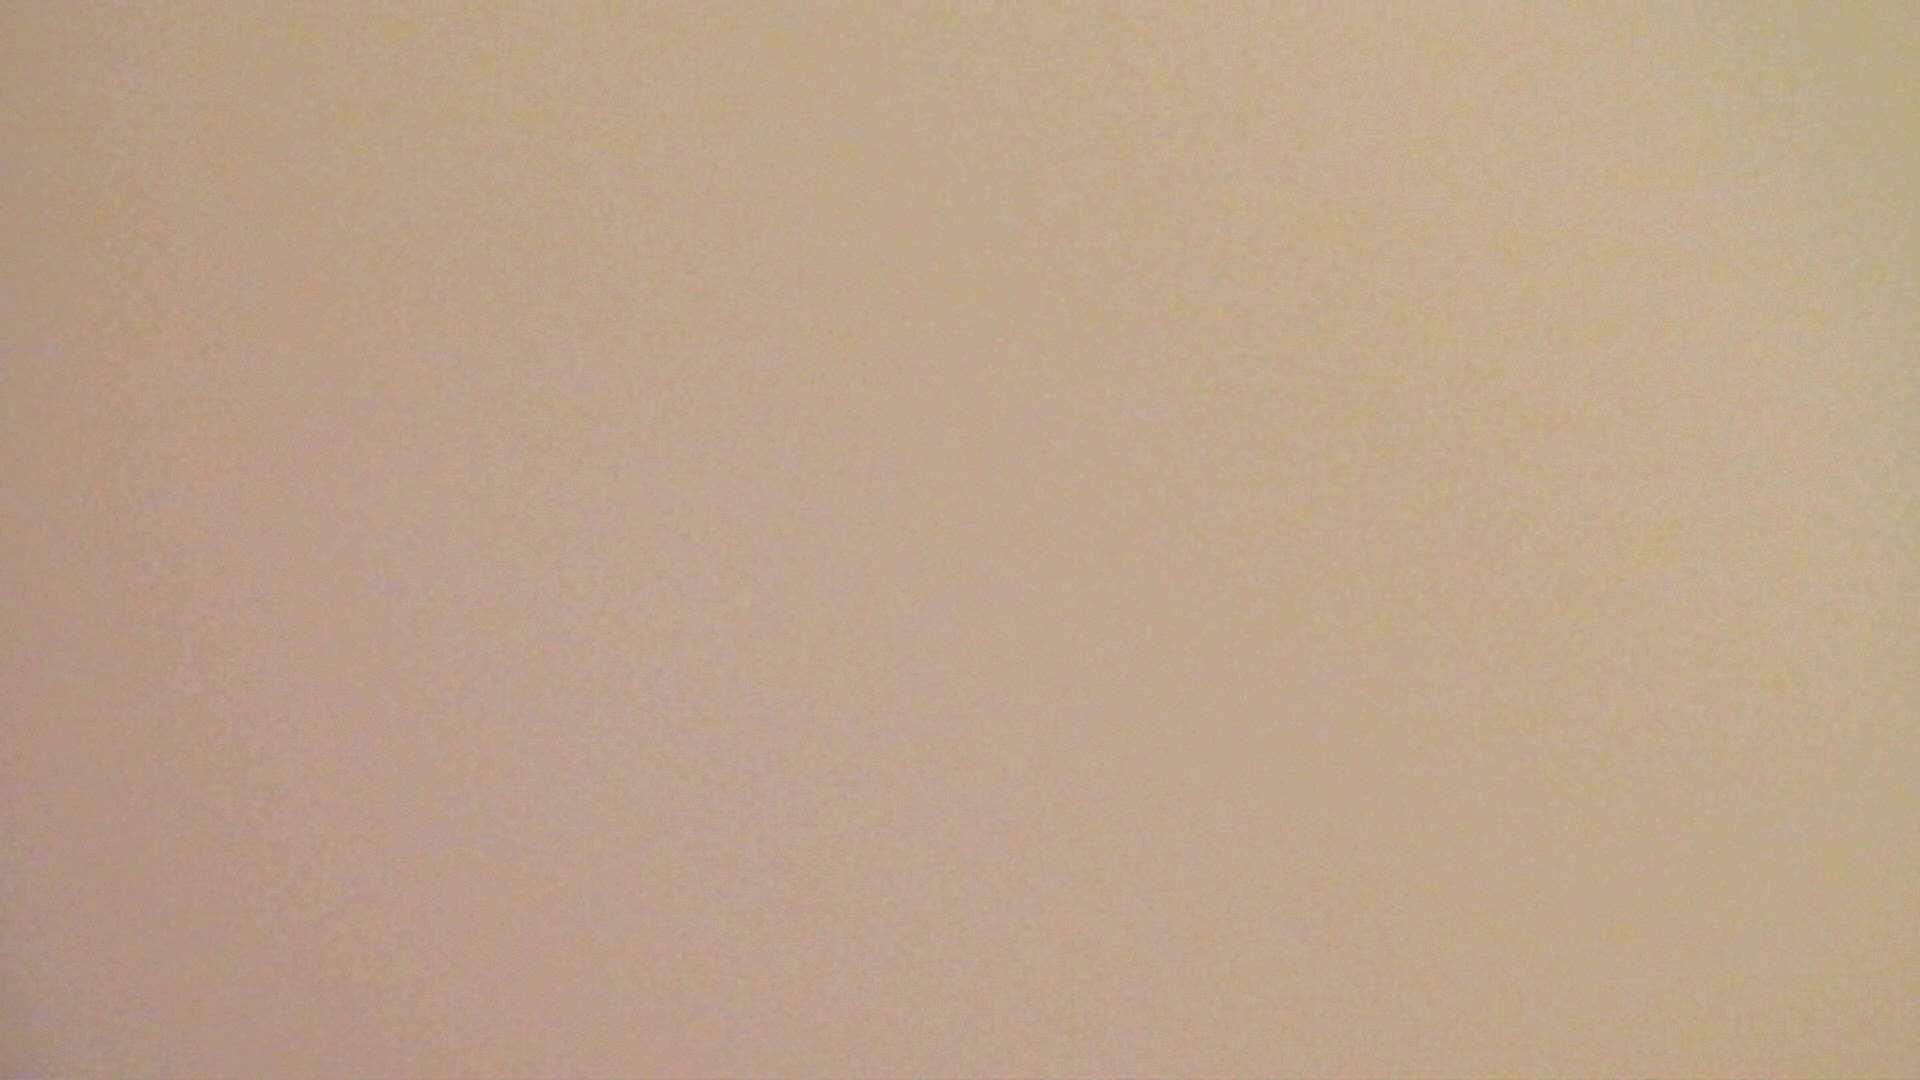 洗寿観音さんの 化粧室は四面楚歌Nol.2 丸見え  73PIX 68